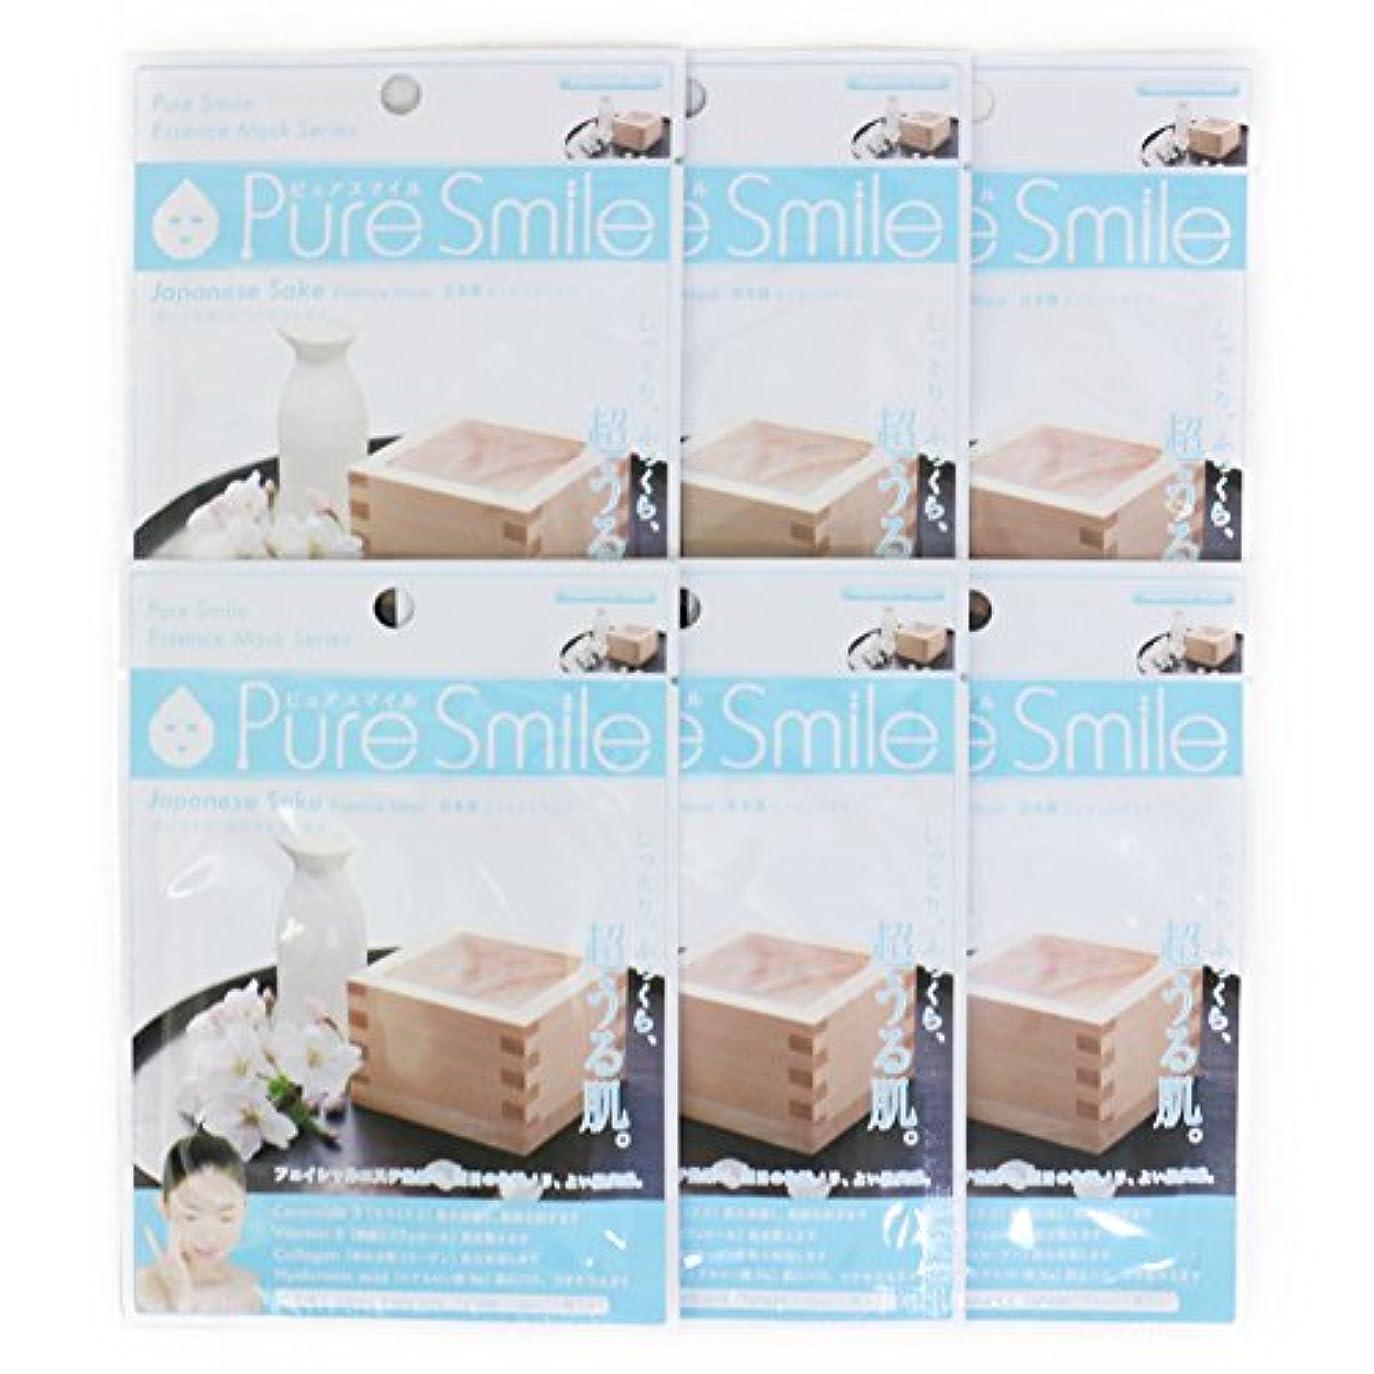 勝利解釈する罹患率Pure Smile ピュアスマイル エッセンスマスク 日本酒 6枚セット